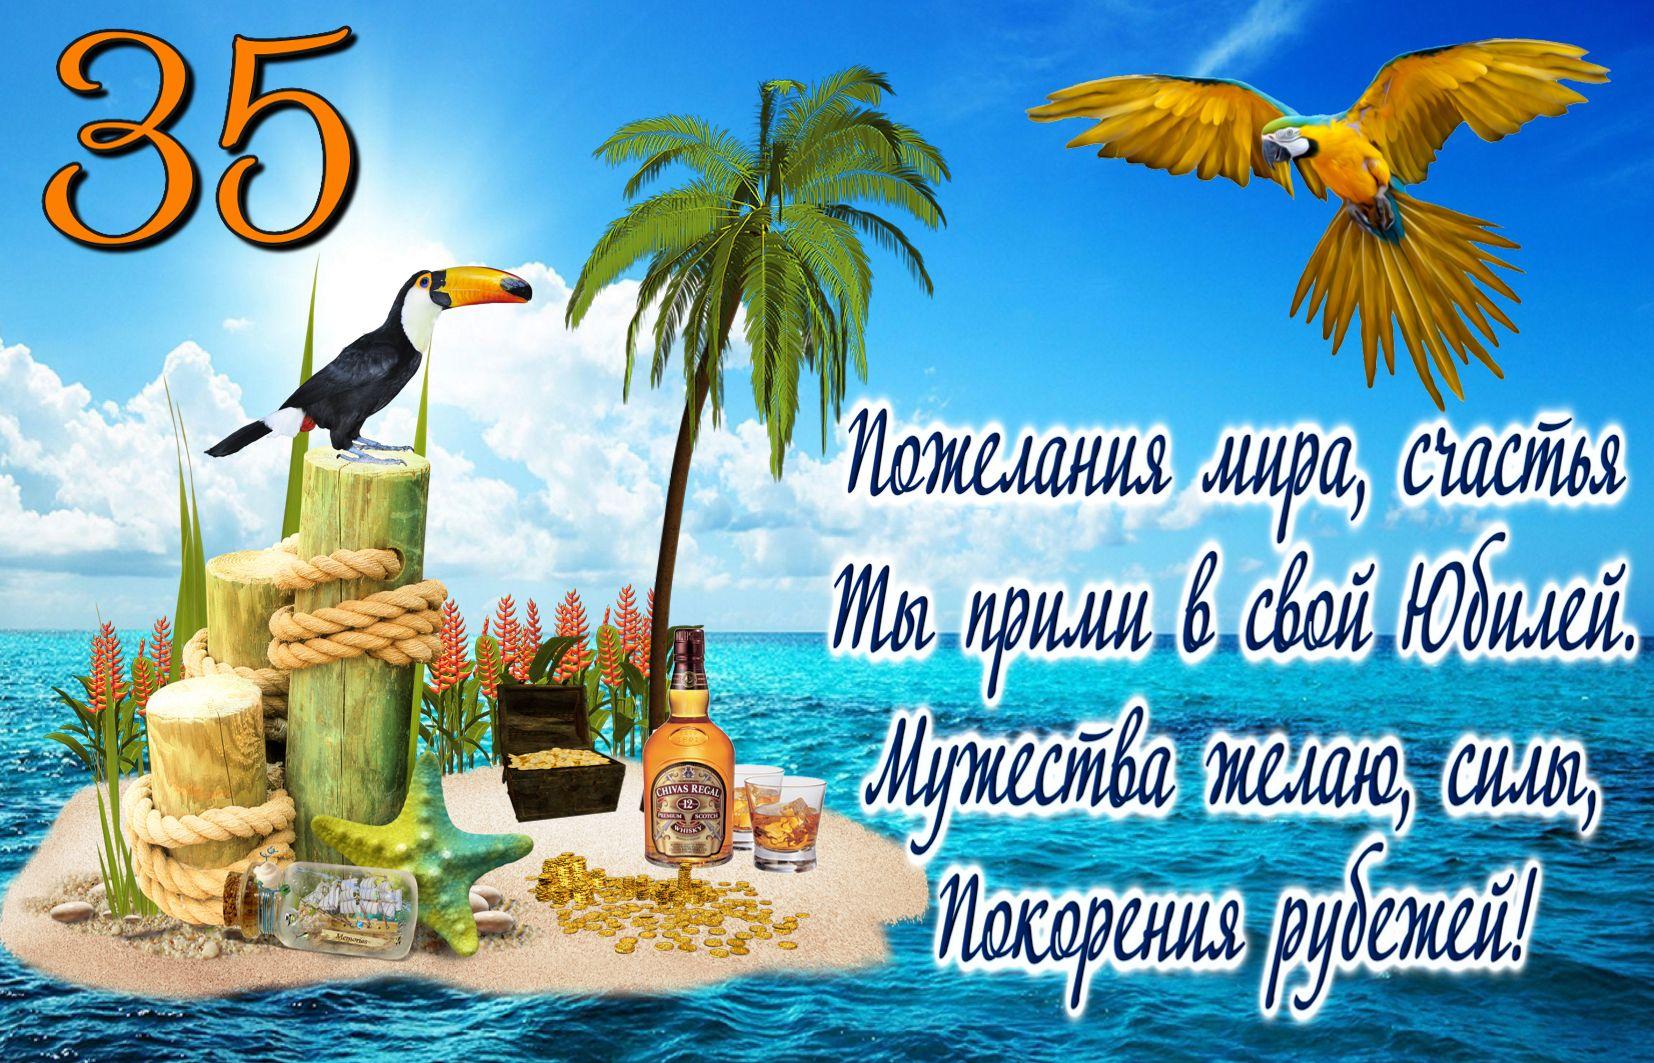 Открытка на юбилей 35 лет - тропический островок с попугаем и пожеланием